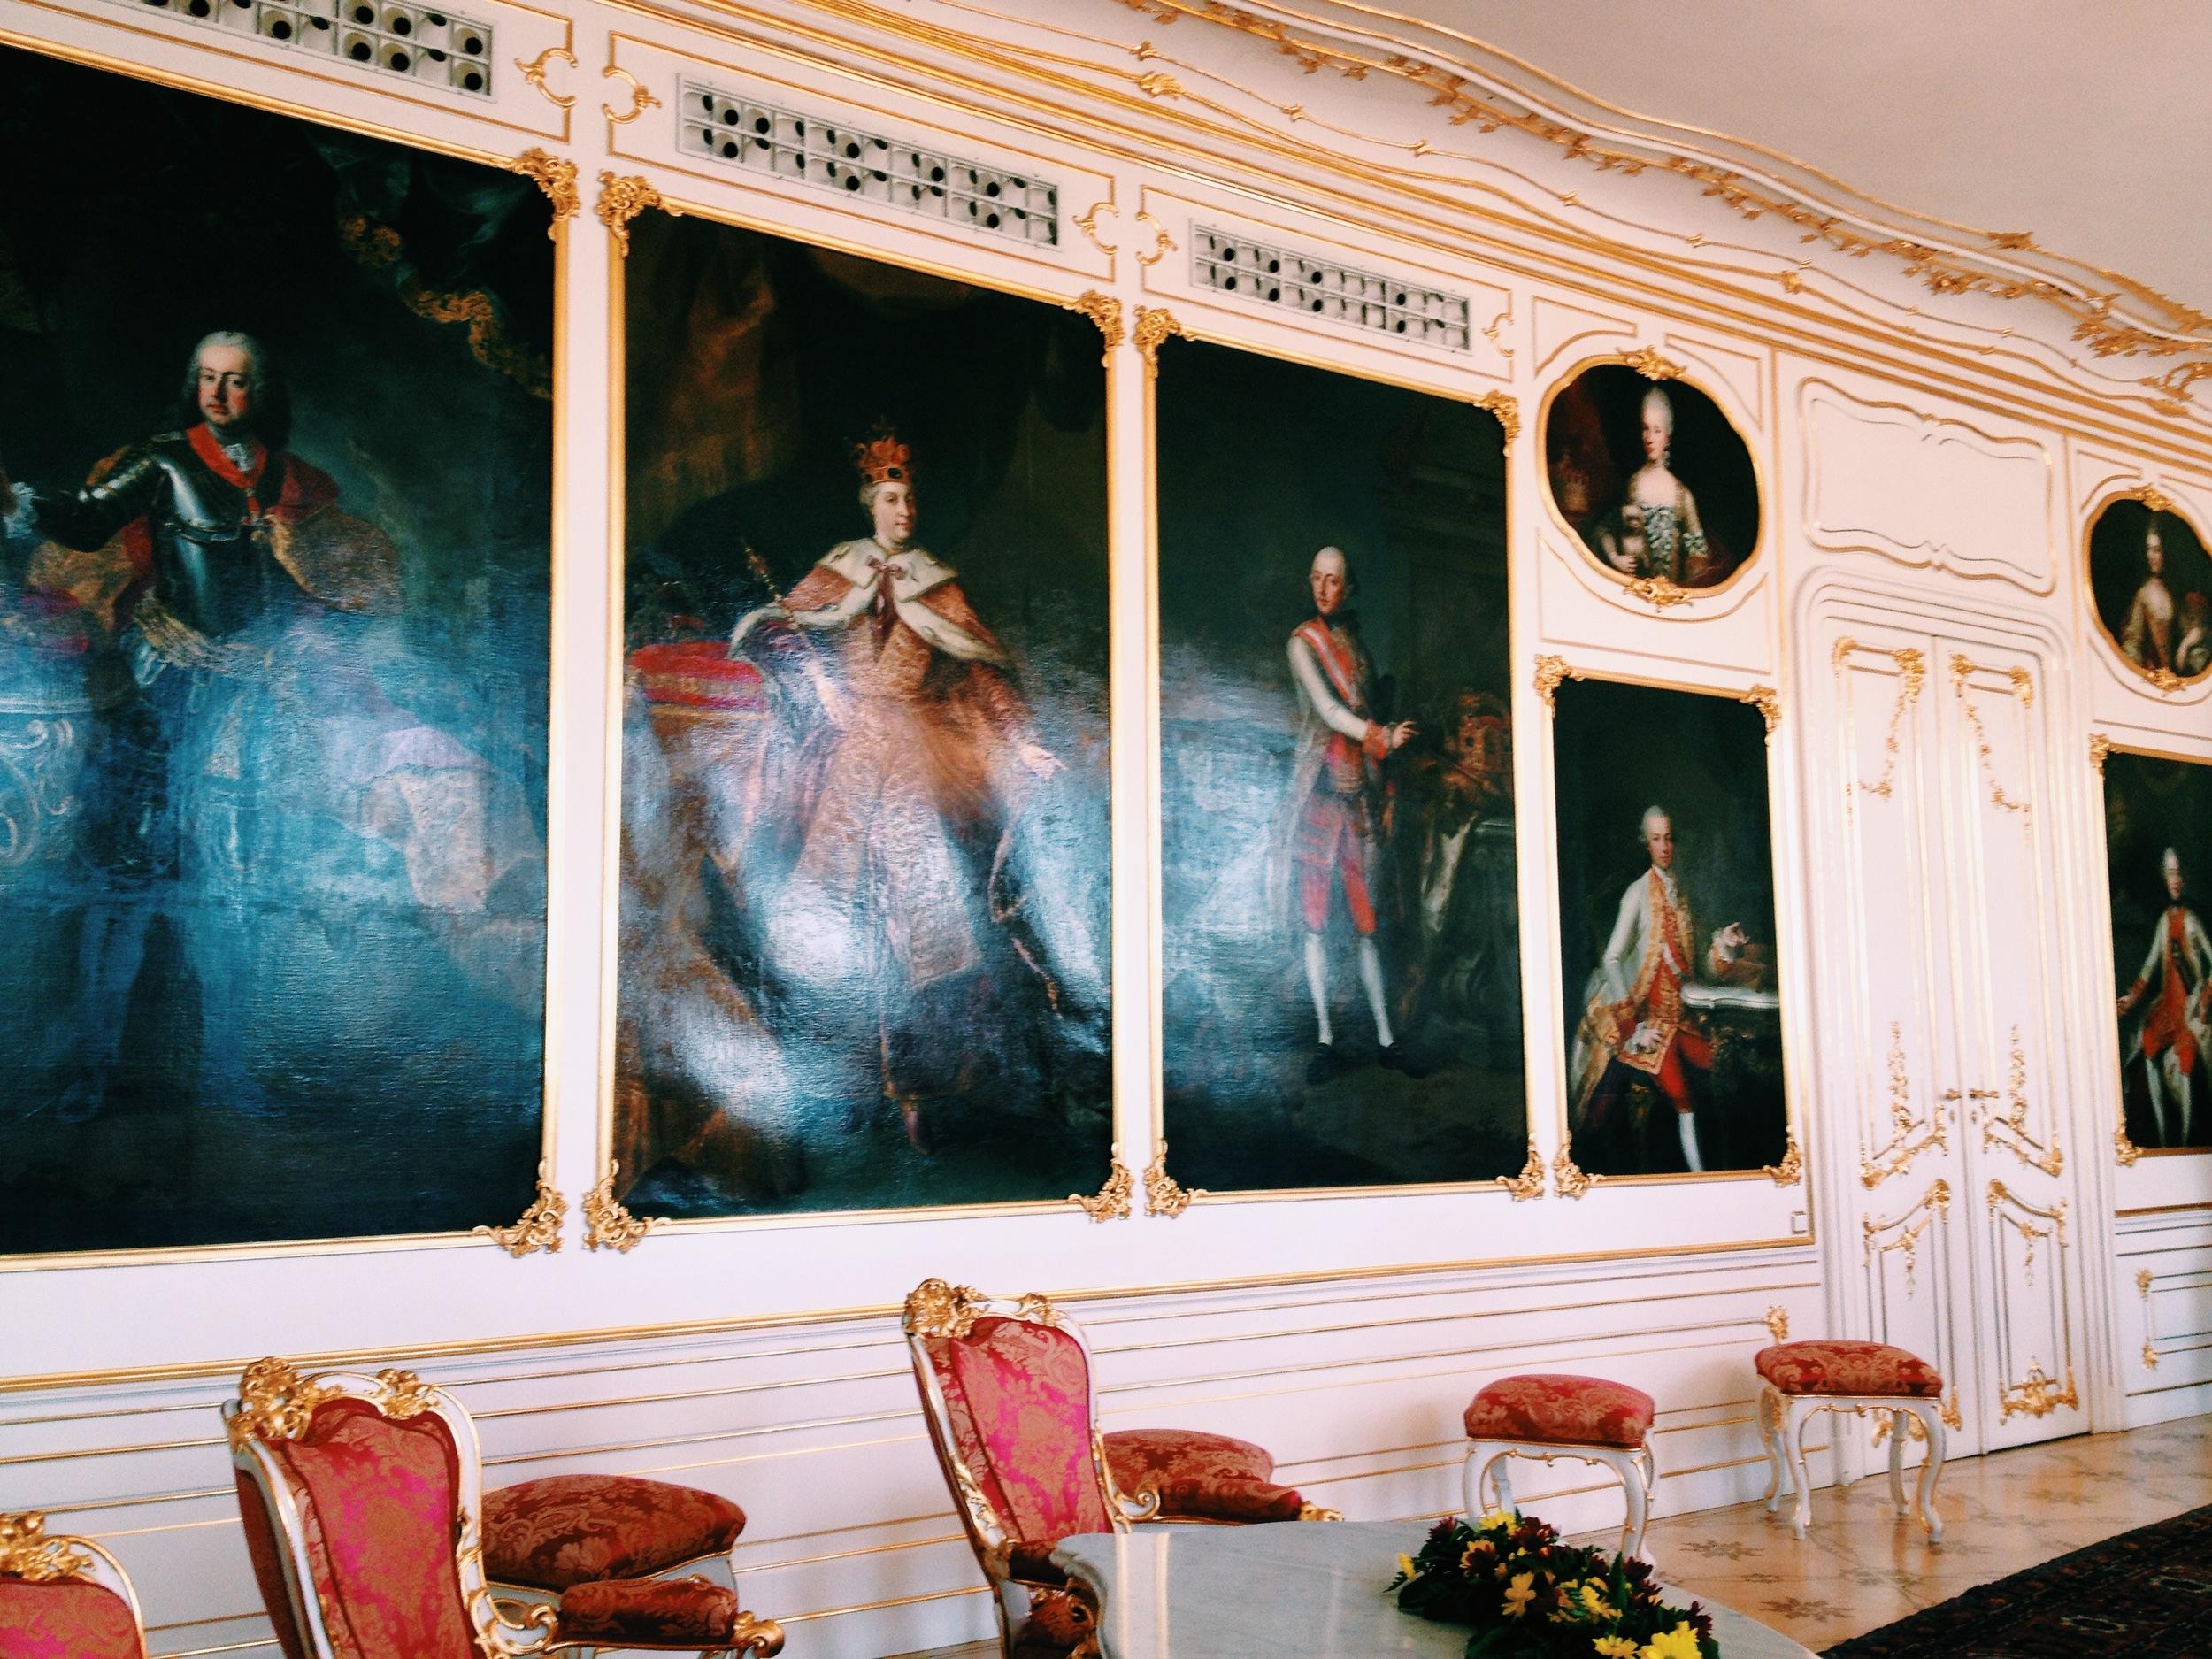 Inside castle